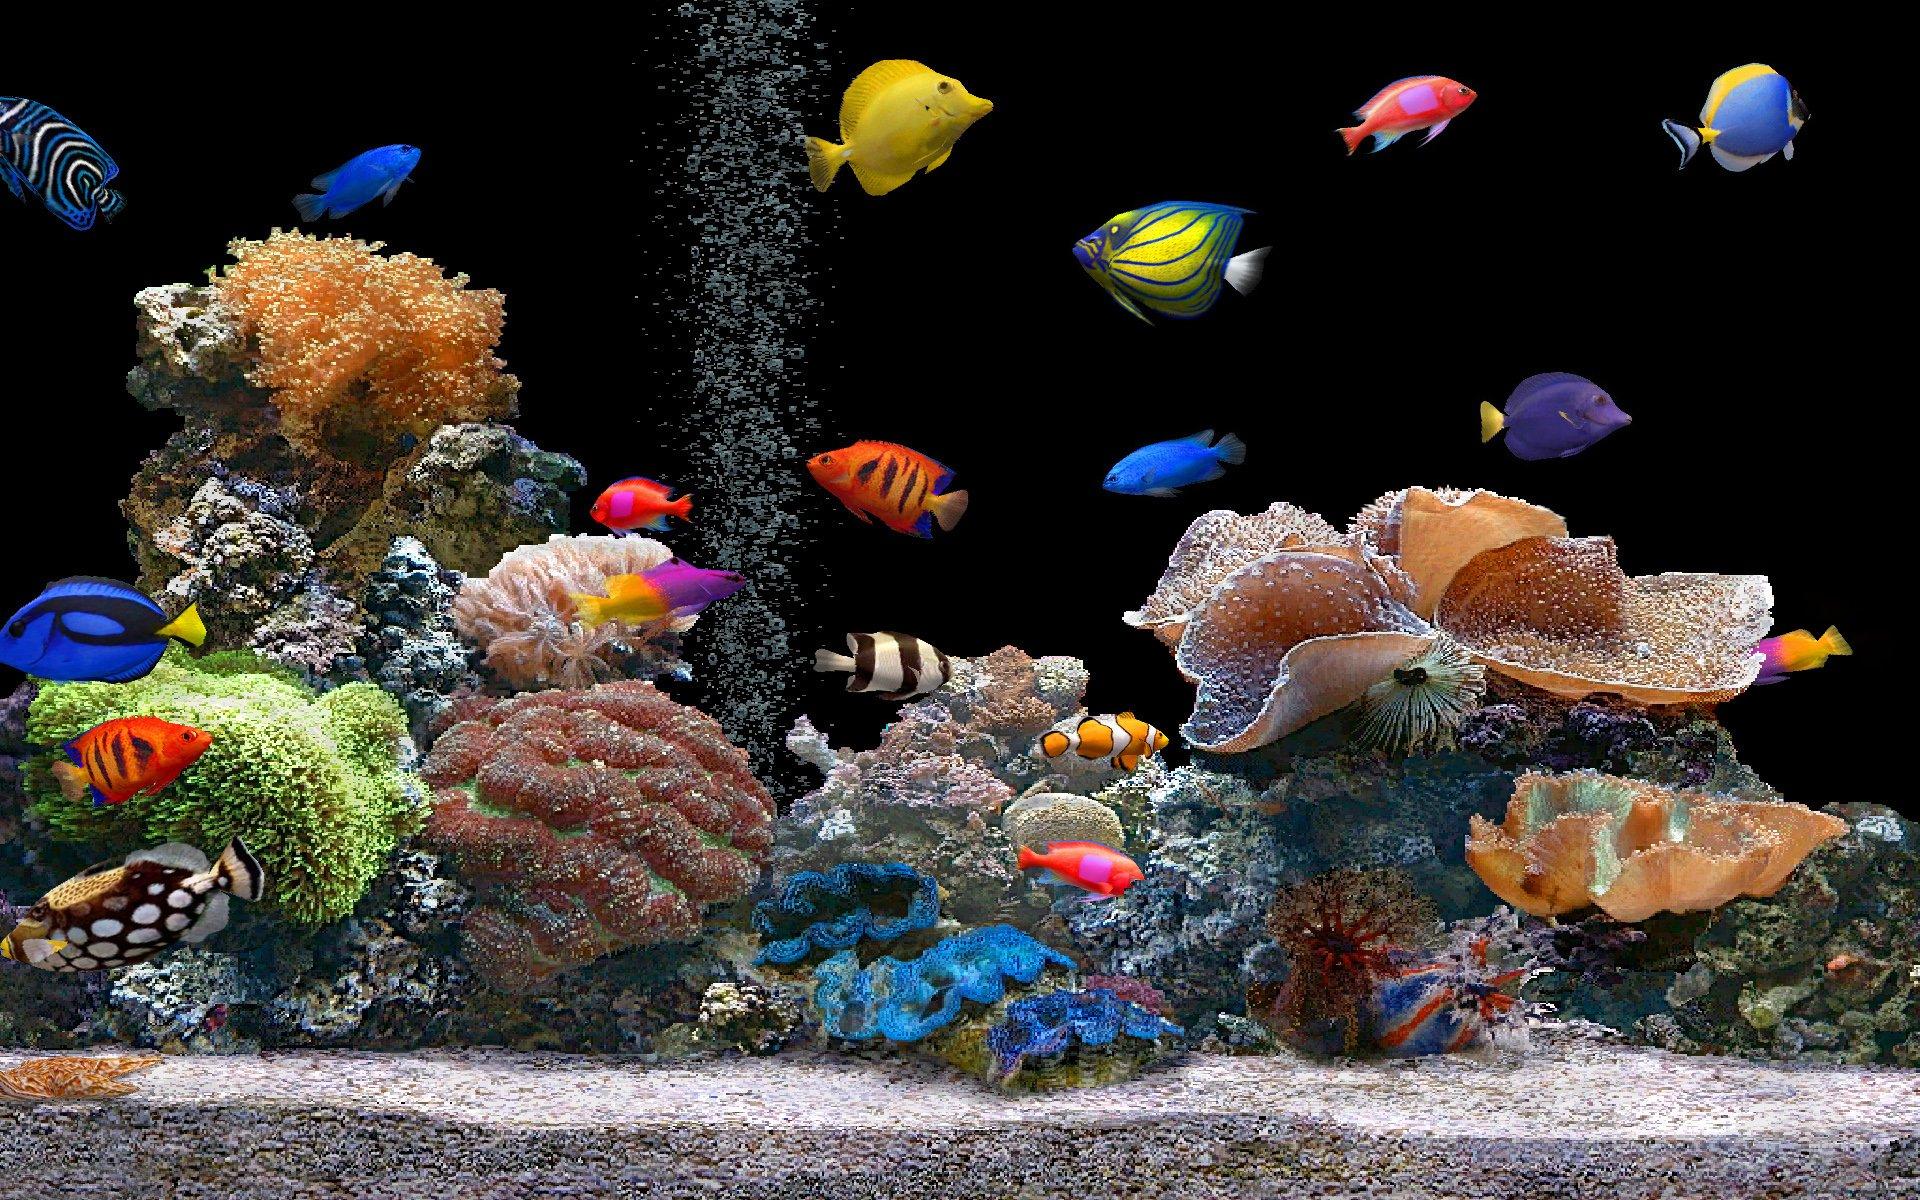 Colorful Aquarium Wallpaper 920   HD Desktop Wallpaper HD 1920x1200